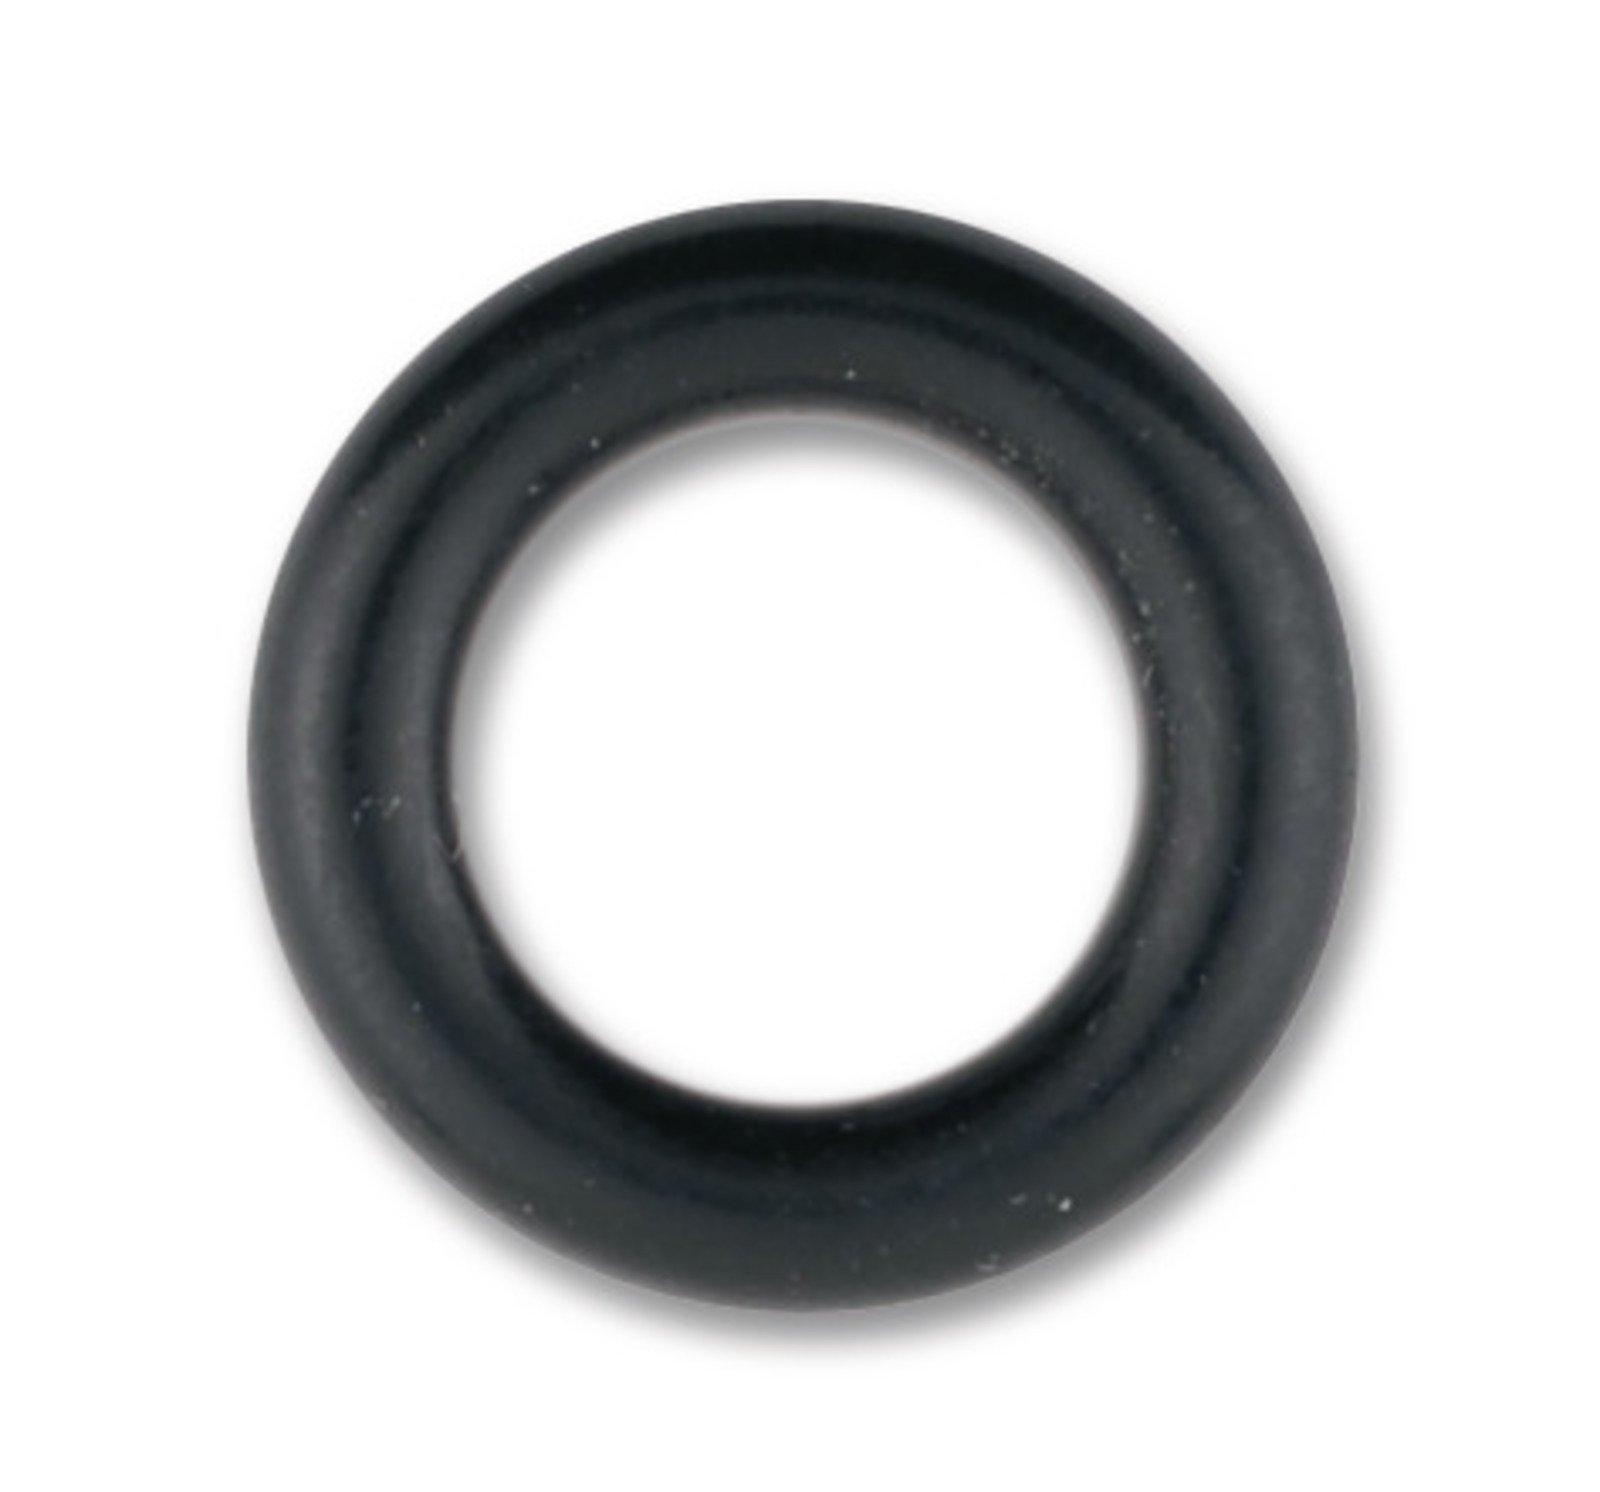 Yamaha XT500 TT500 SR500 Mikuni TM36/TM40 Carburetor O-Ring for Mixture Adjustment Screw 29-A07